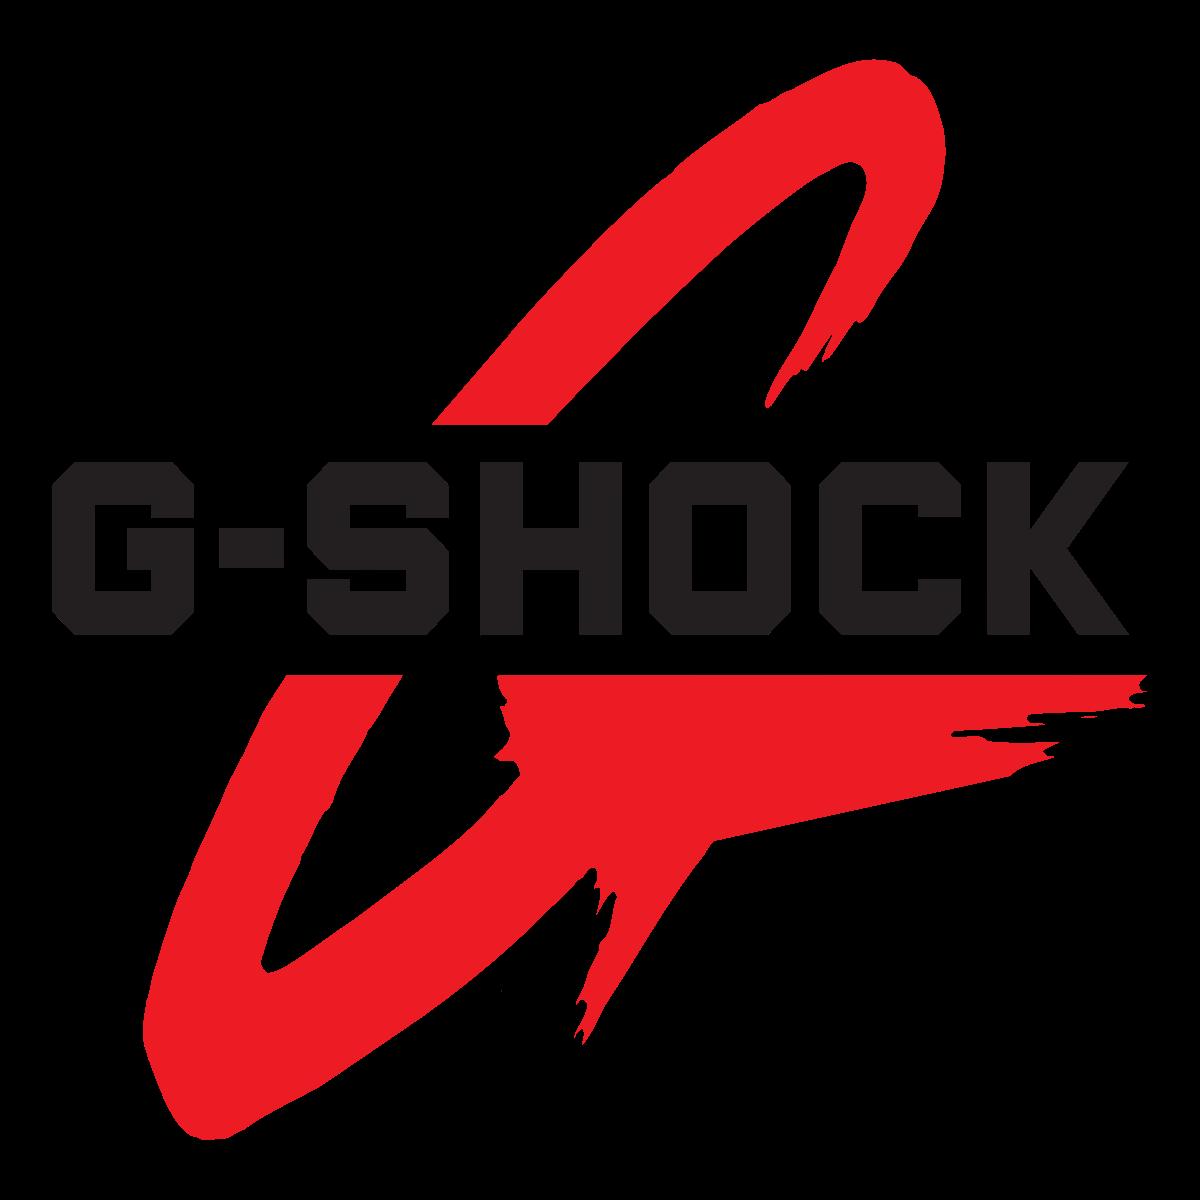 1200px-GShock_logo-svg.png